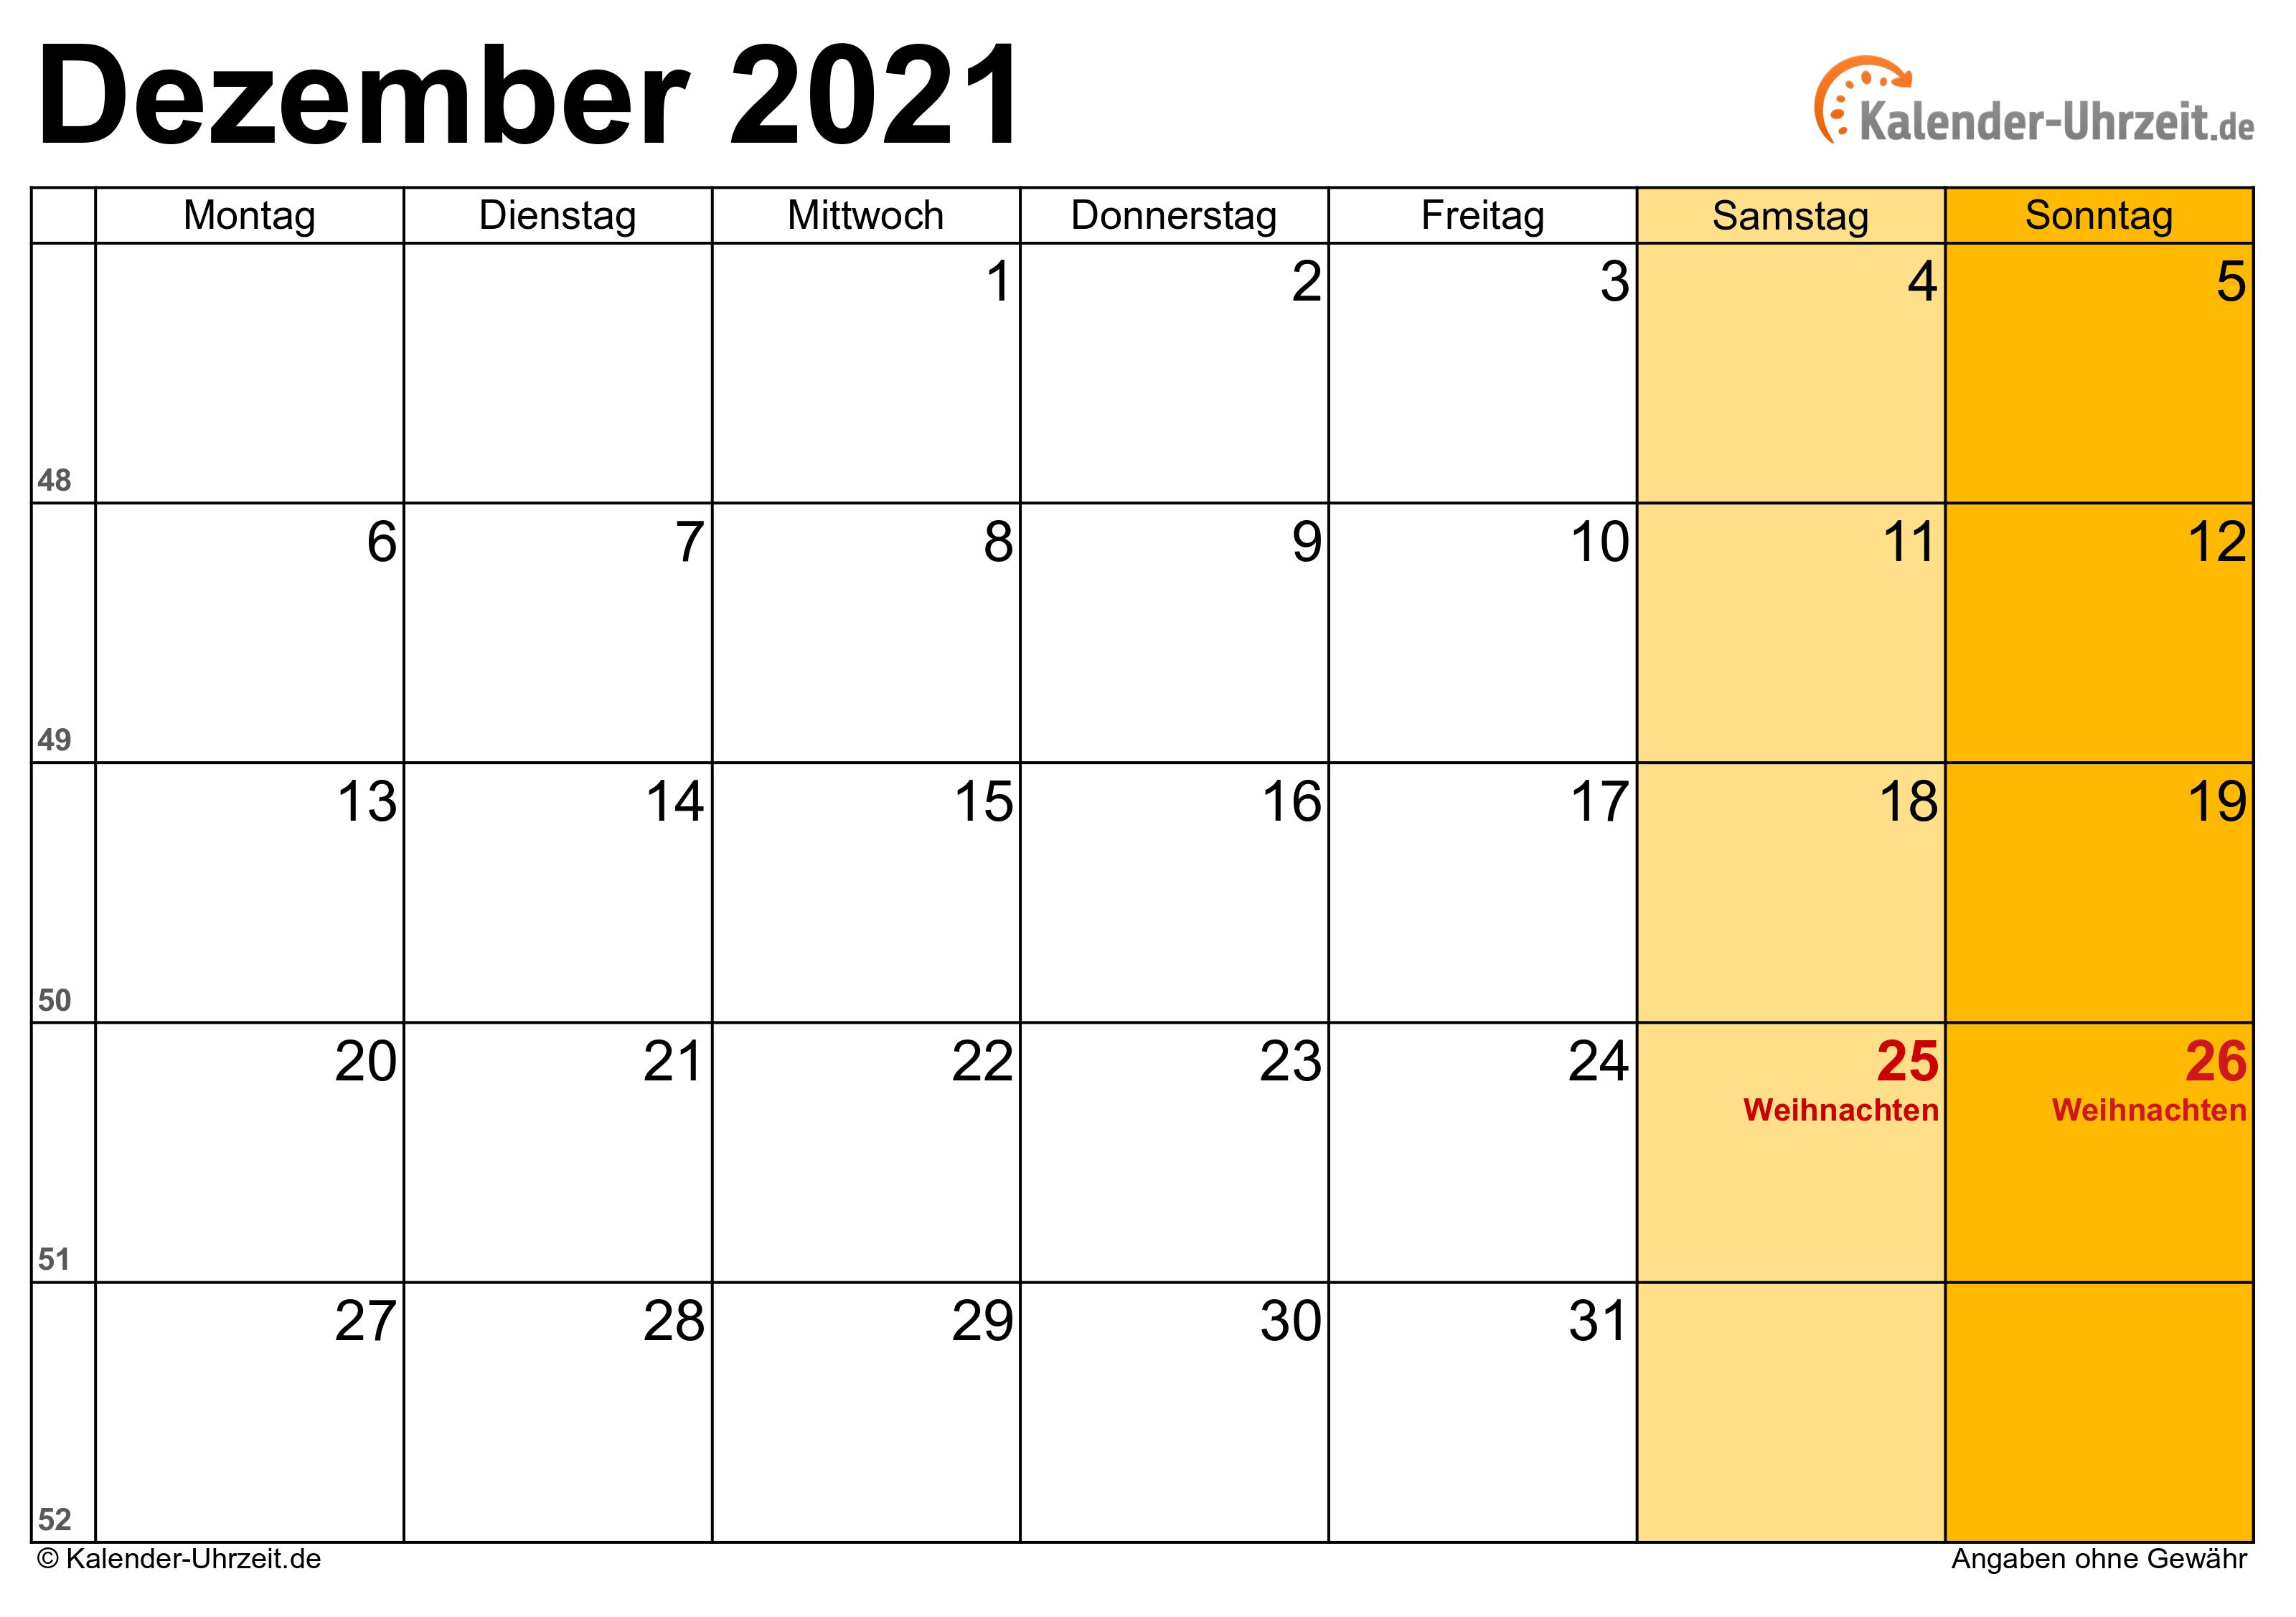 Dezember Feiertage 2021